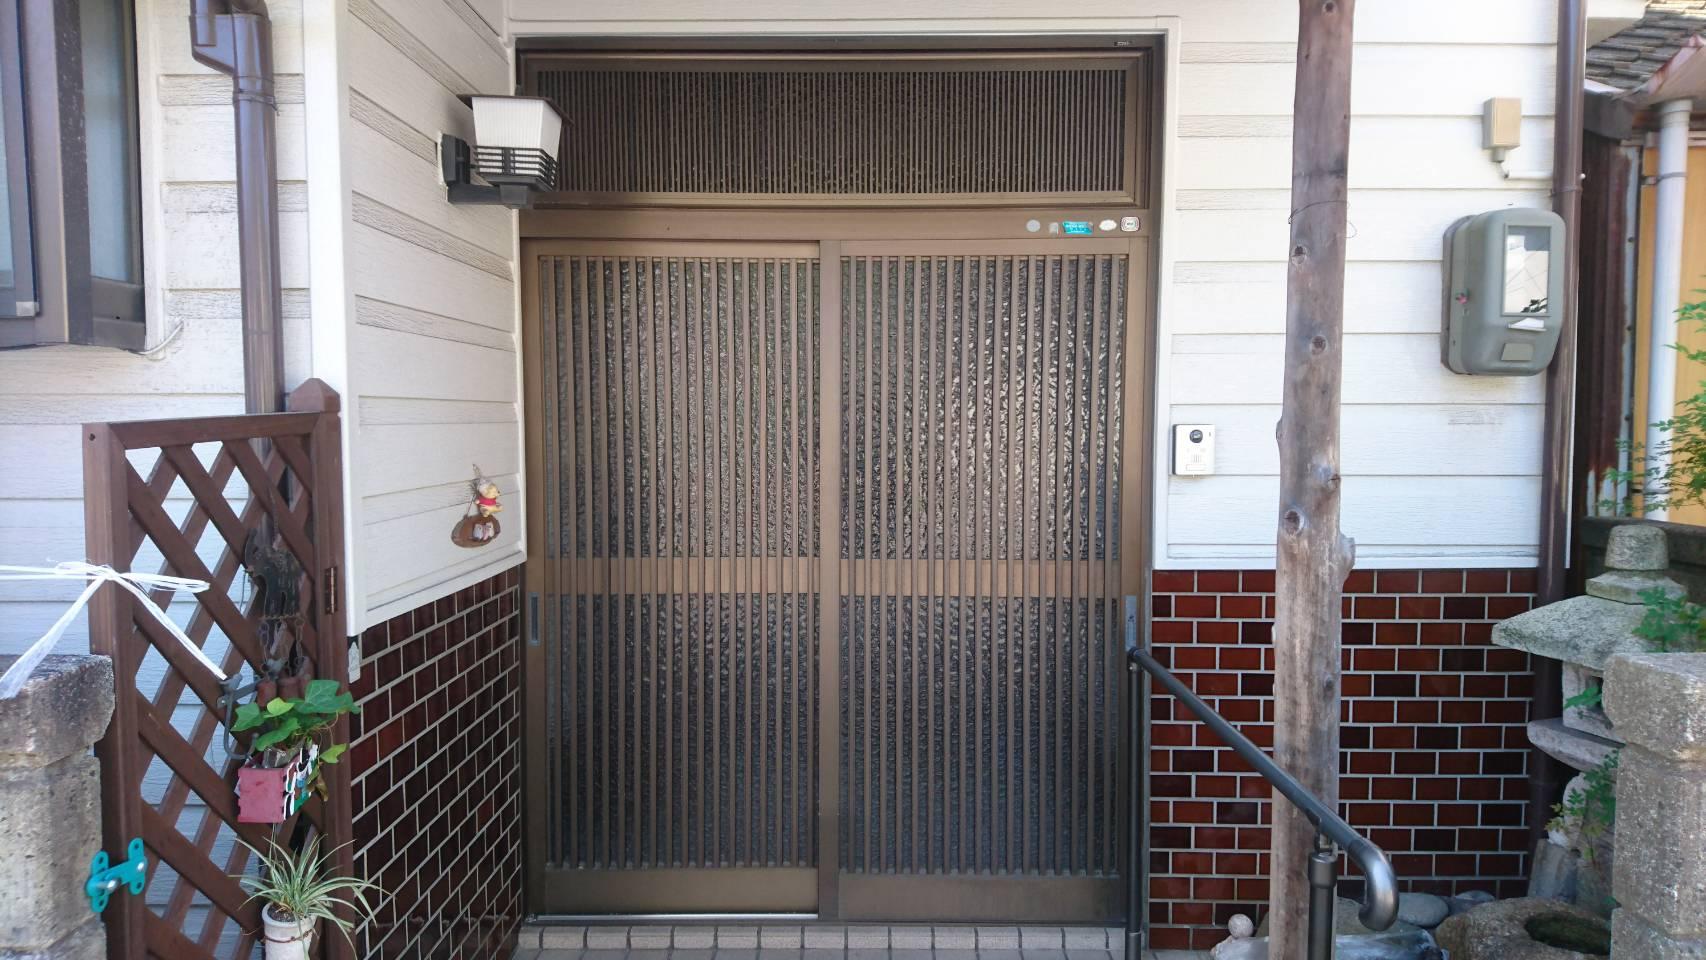 シーエス建材トーヨー住器の岡山市 玄関引戸 交換工事の施工前の写真1